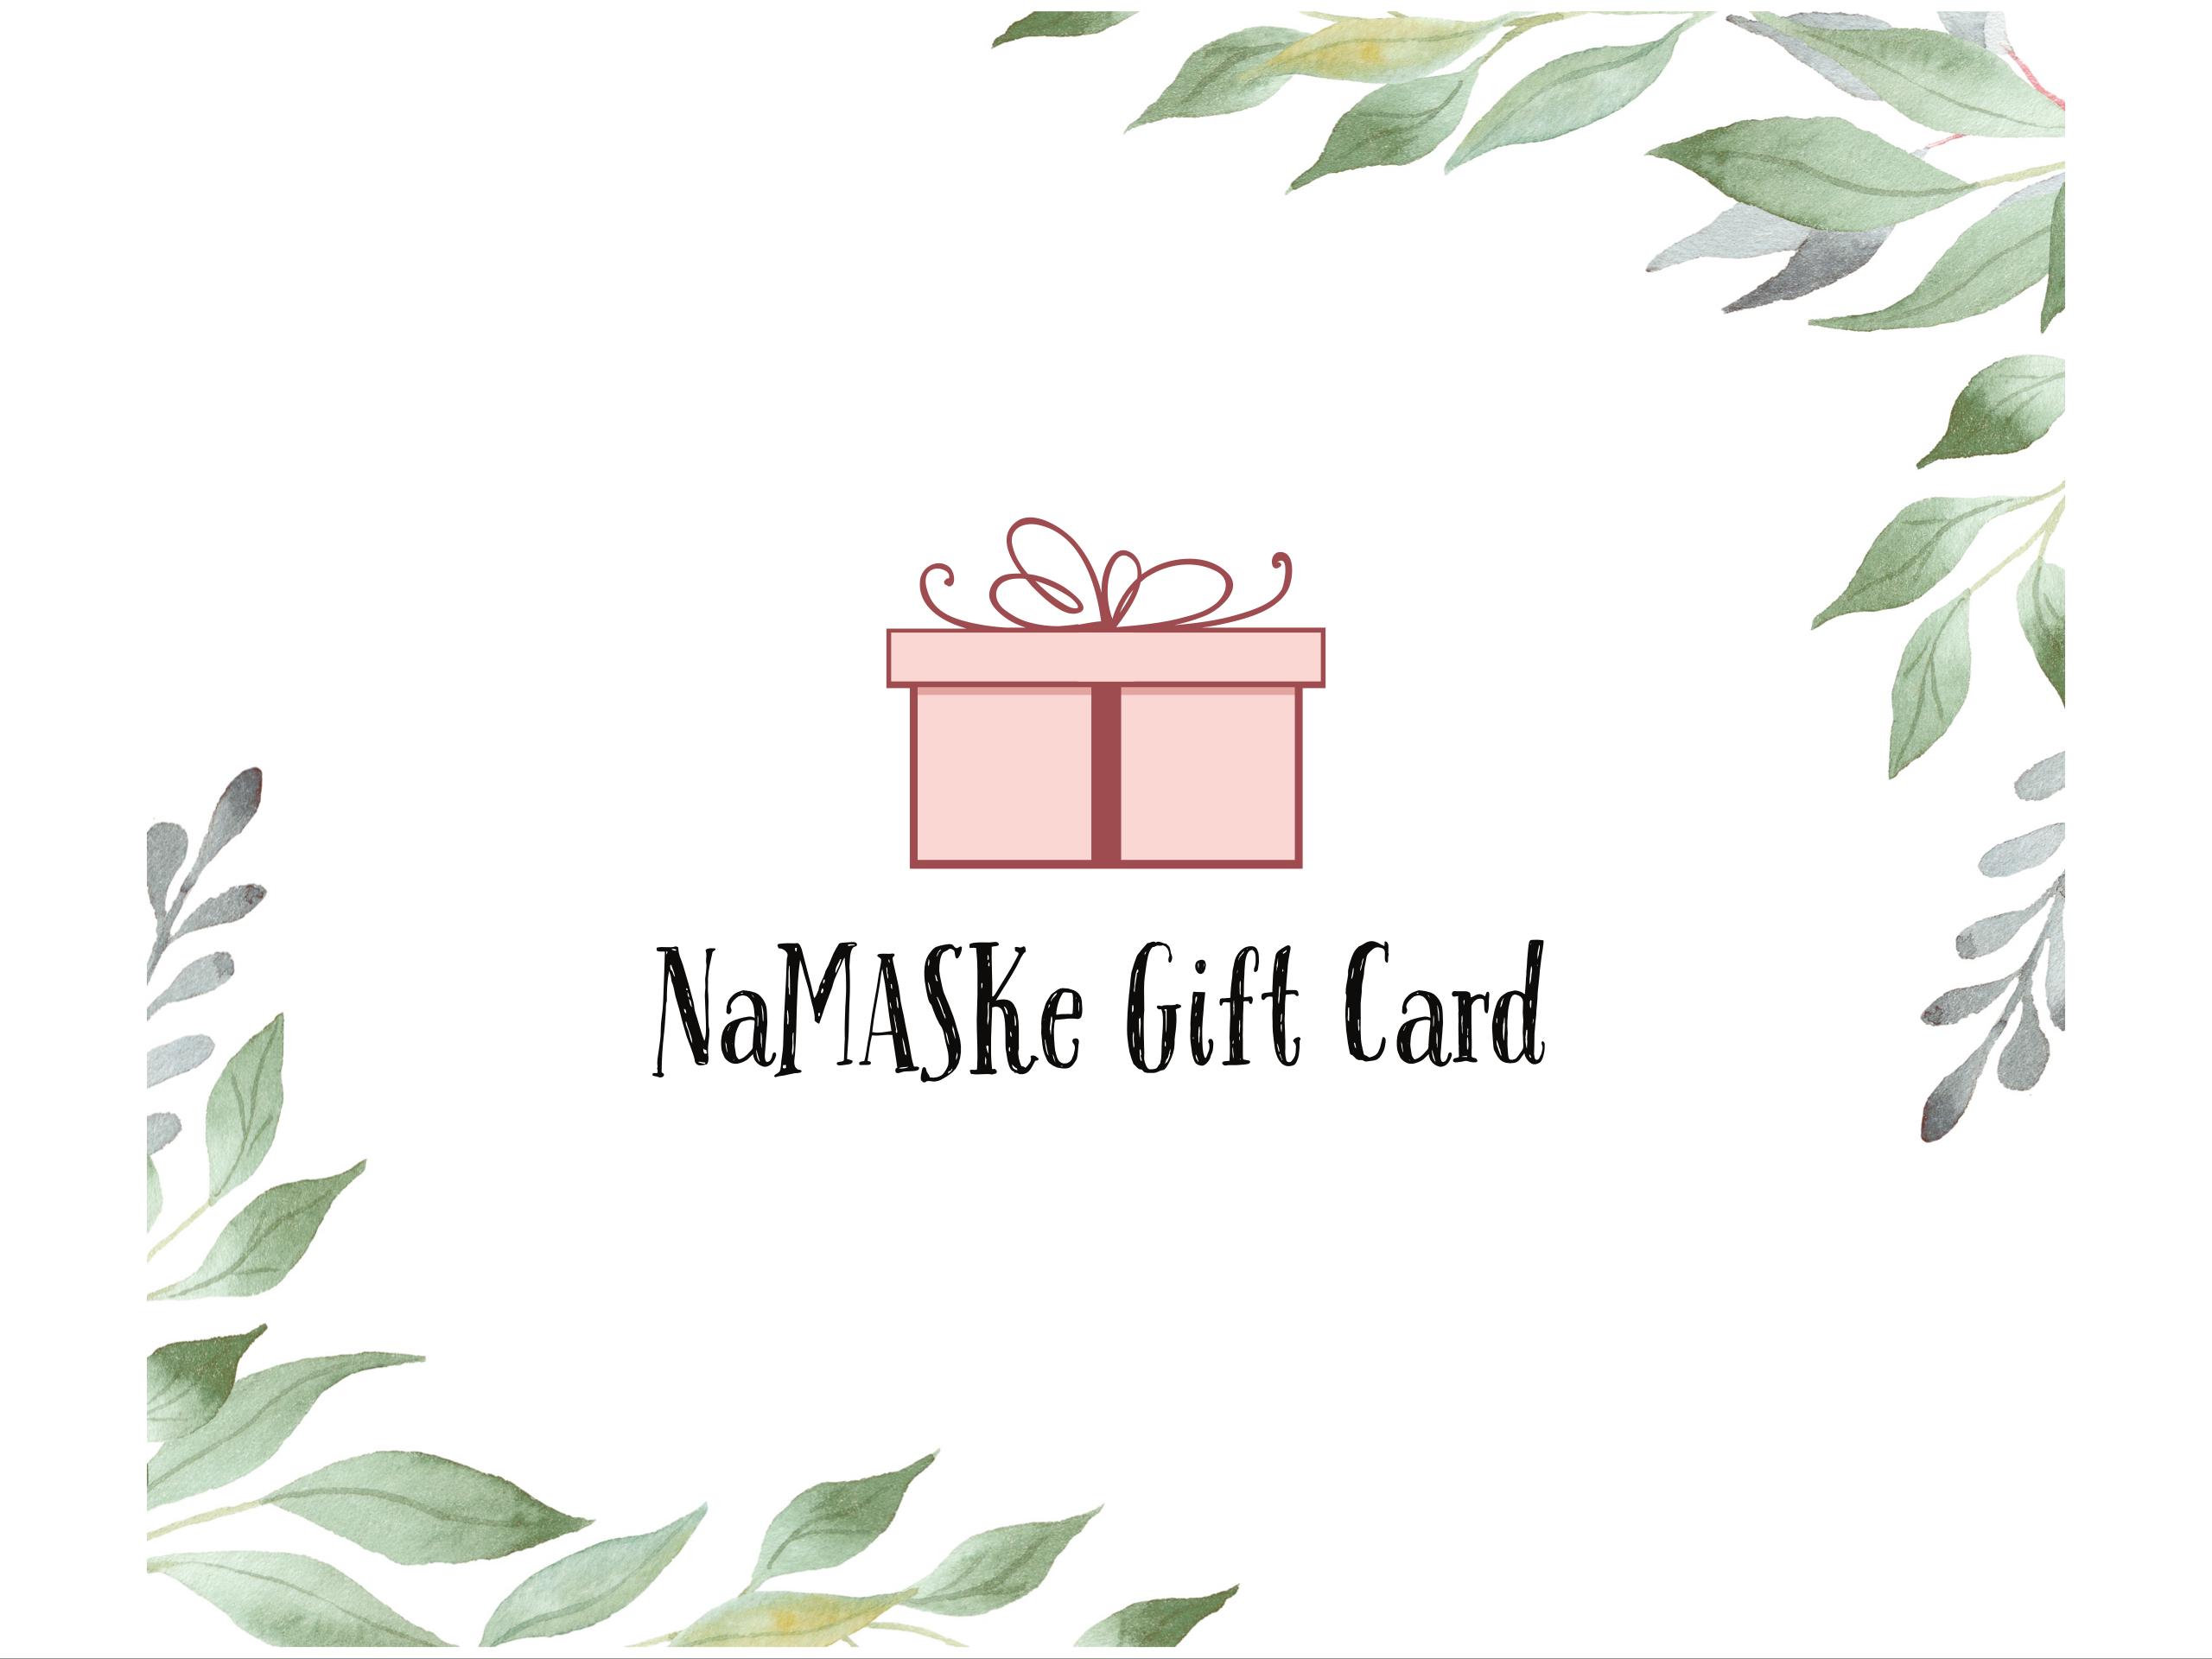 Namaske Gift Card